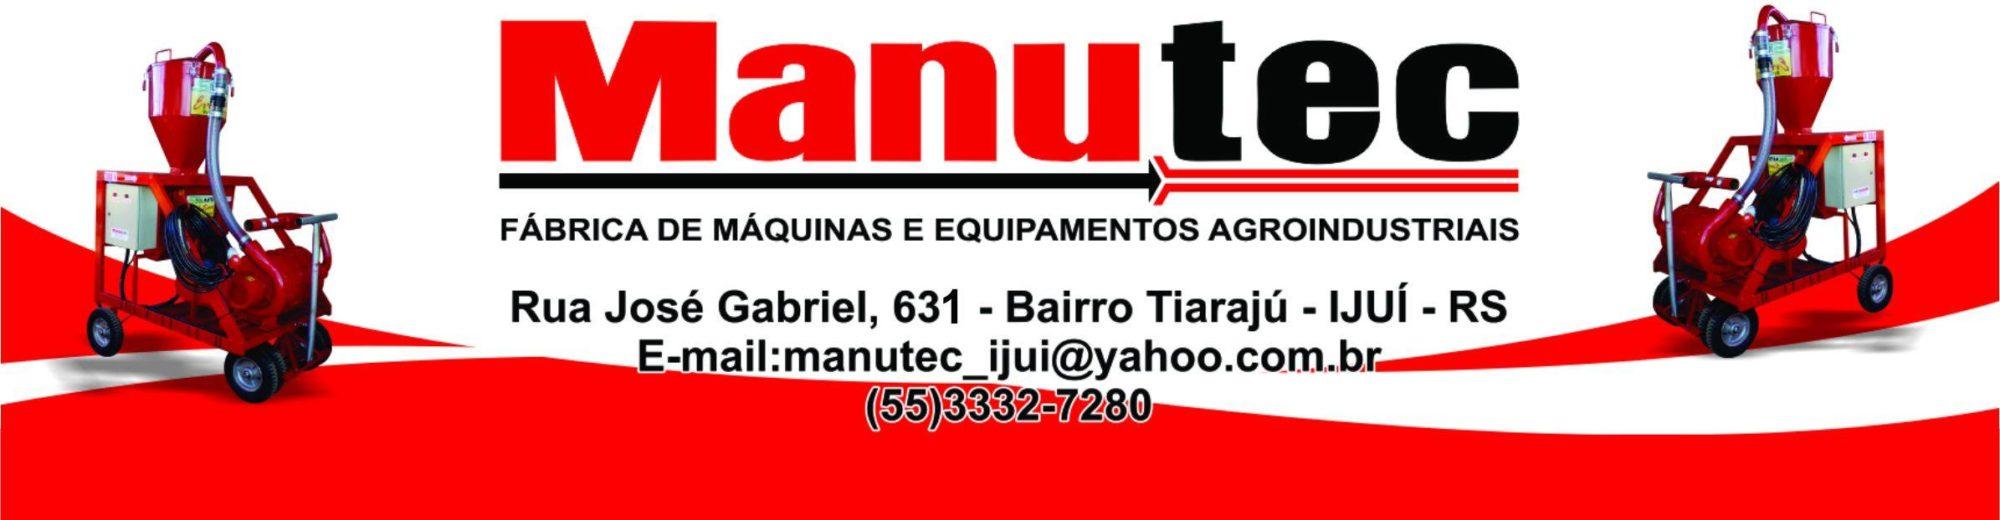 Manutec Ijuí